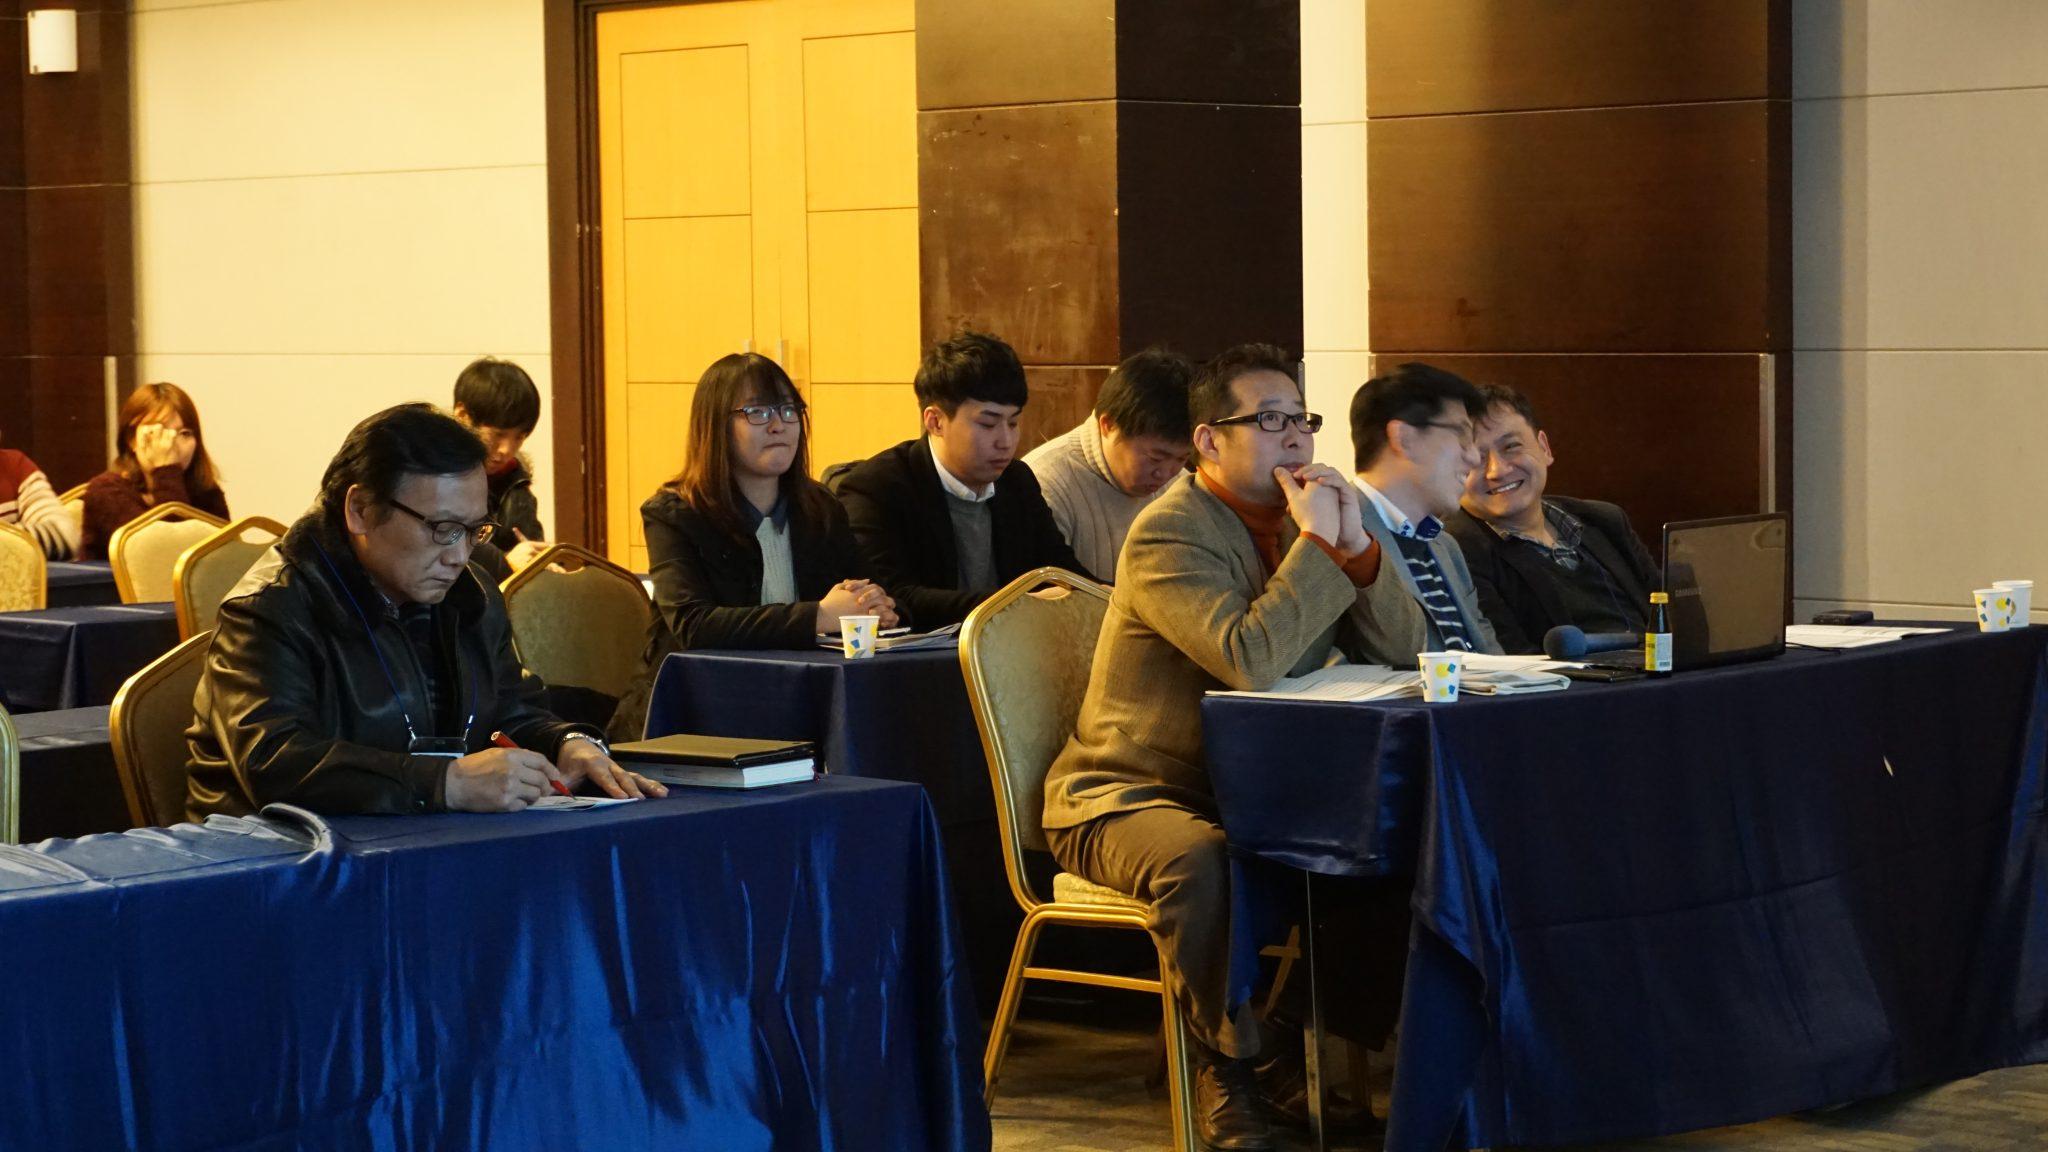 2015년02월 전기학회의용시스템학술대회 현대성우